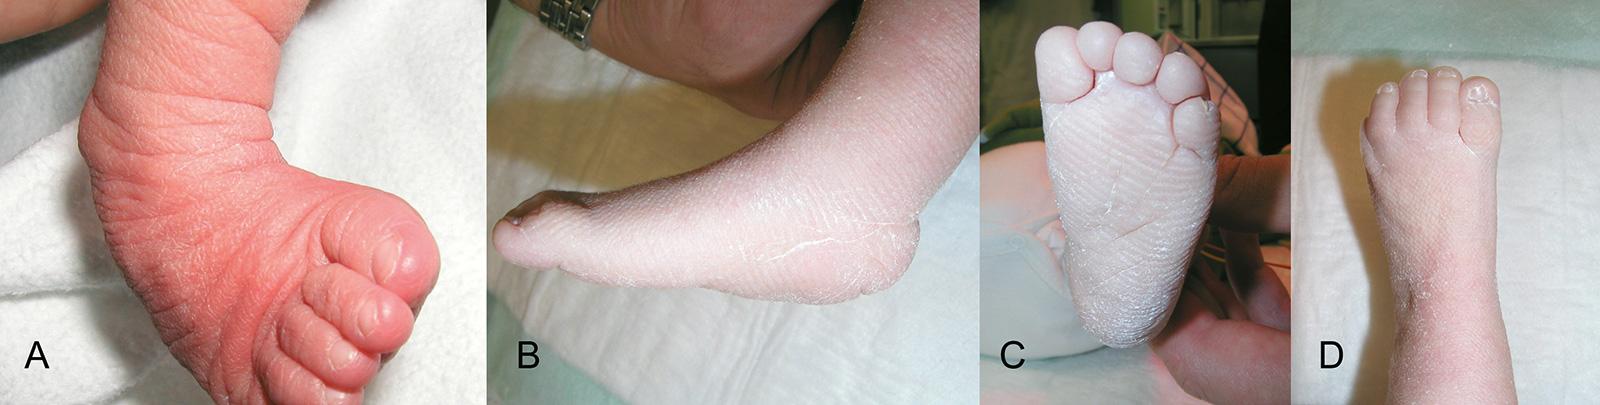 Abb. 4-52: Klumpfuß: vor Beginn der Gipsbehandlung (A), nach der Gipstherapie (B-D). Es verbleibt eine geringe Spitzfußkomponente (B)